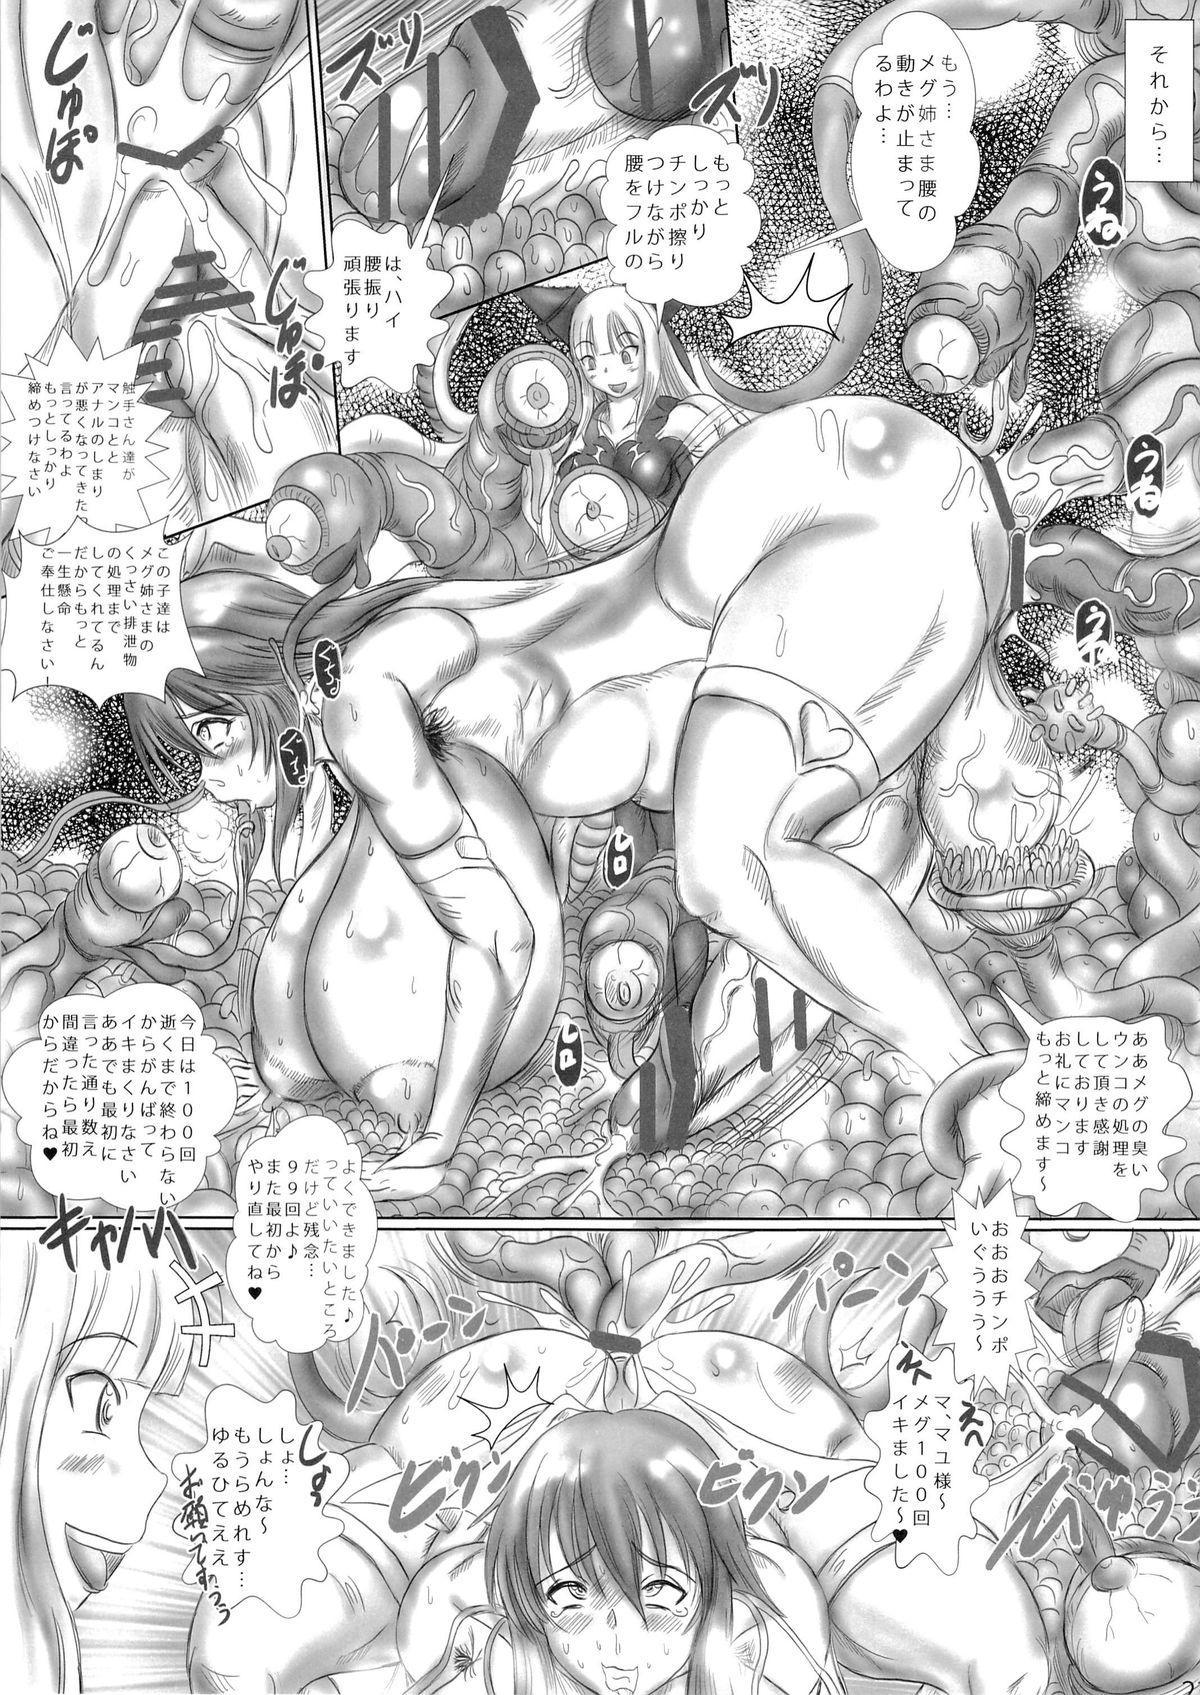 Futanari Mahou Shoujo Shasei Kanri Choukyou 21